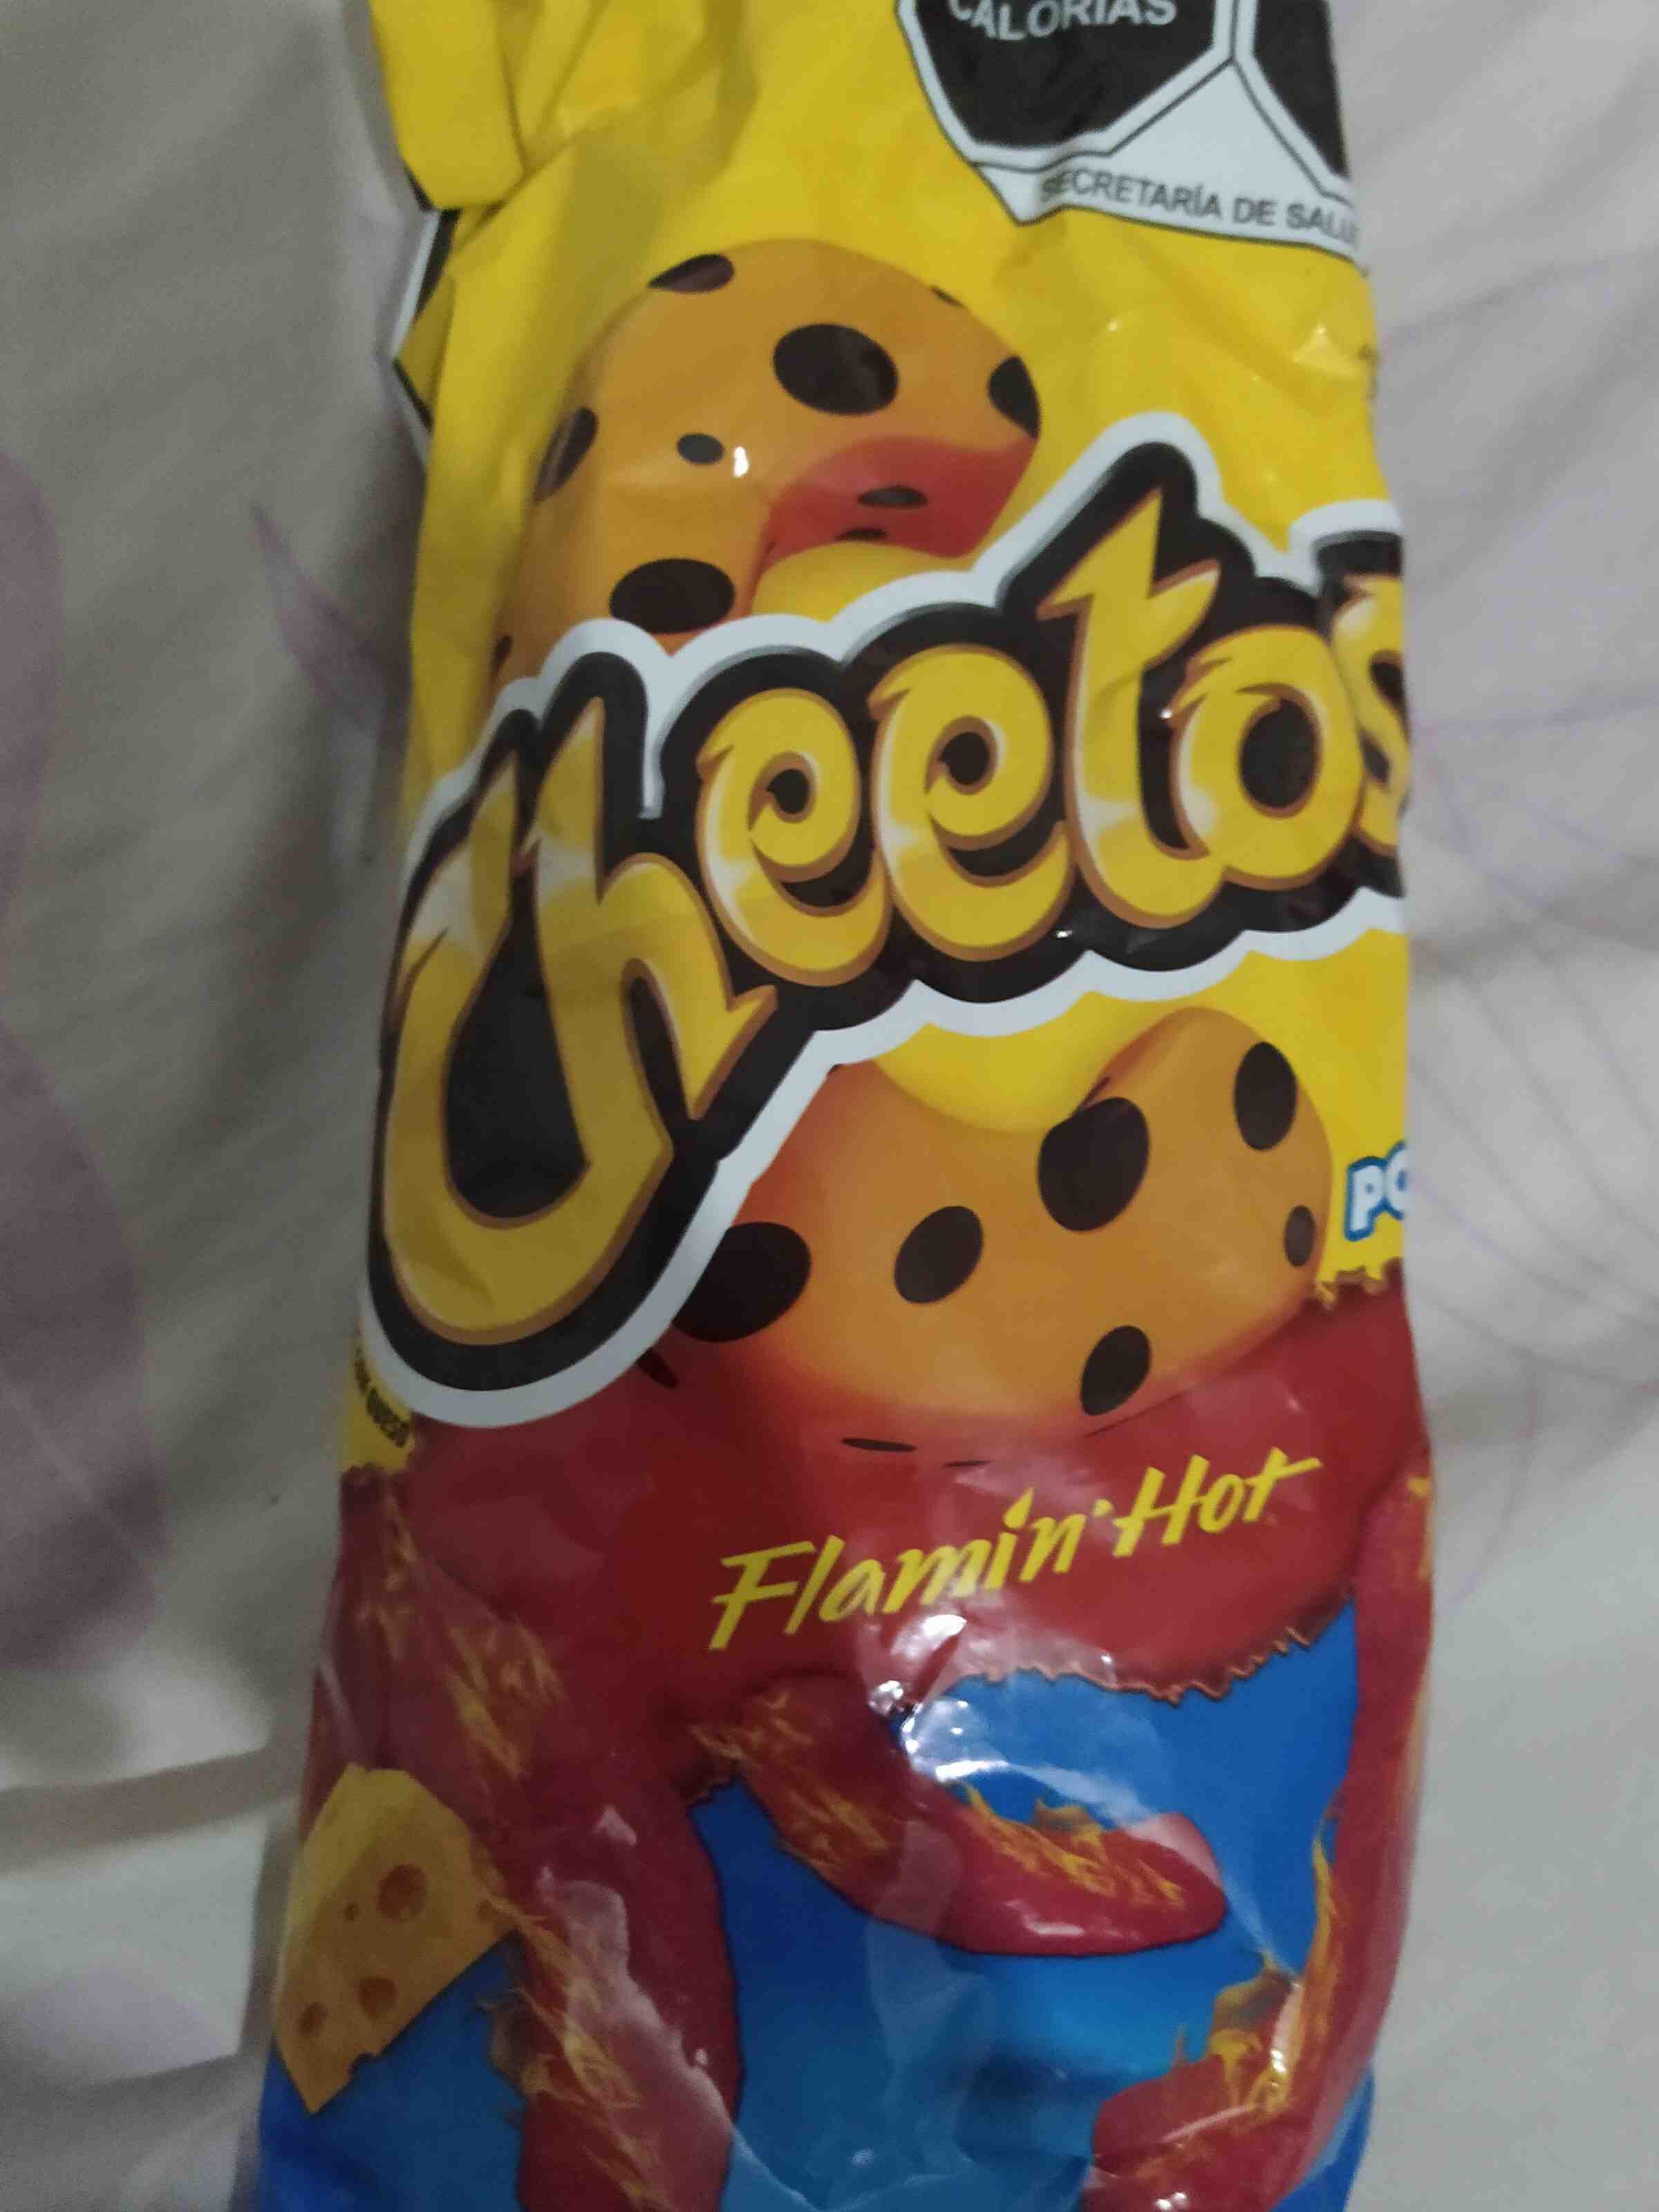 Chetos Cheetos - Product - en